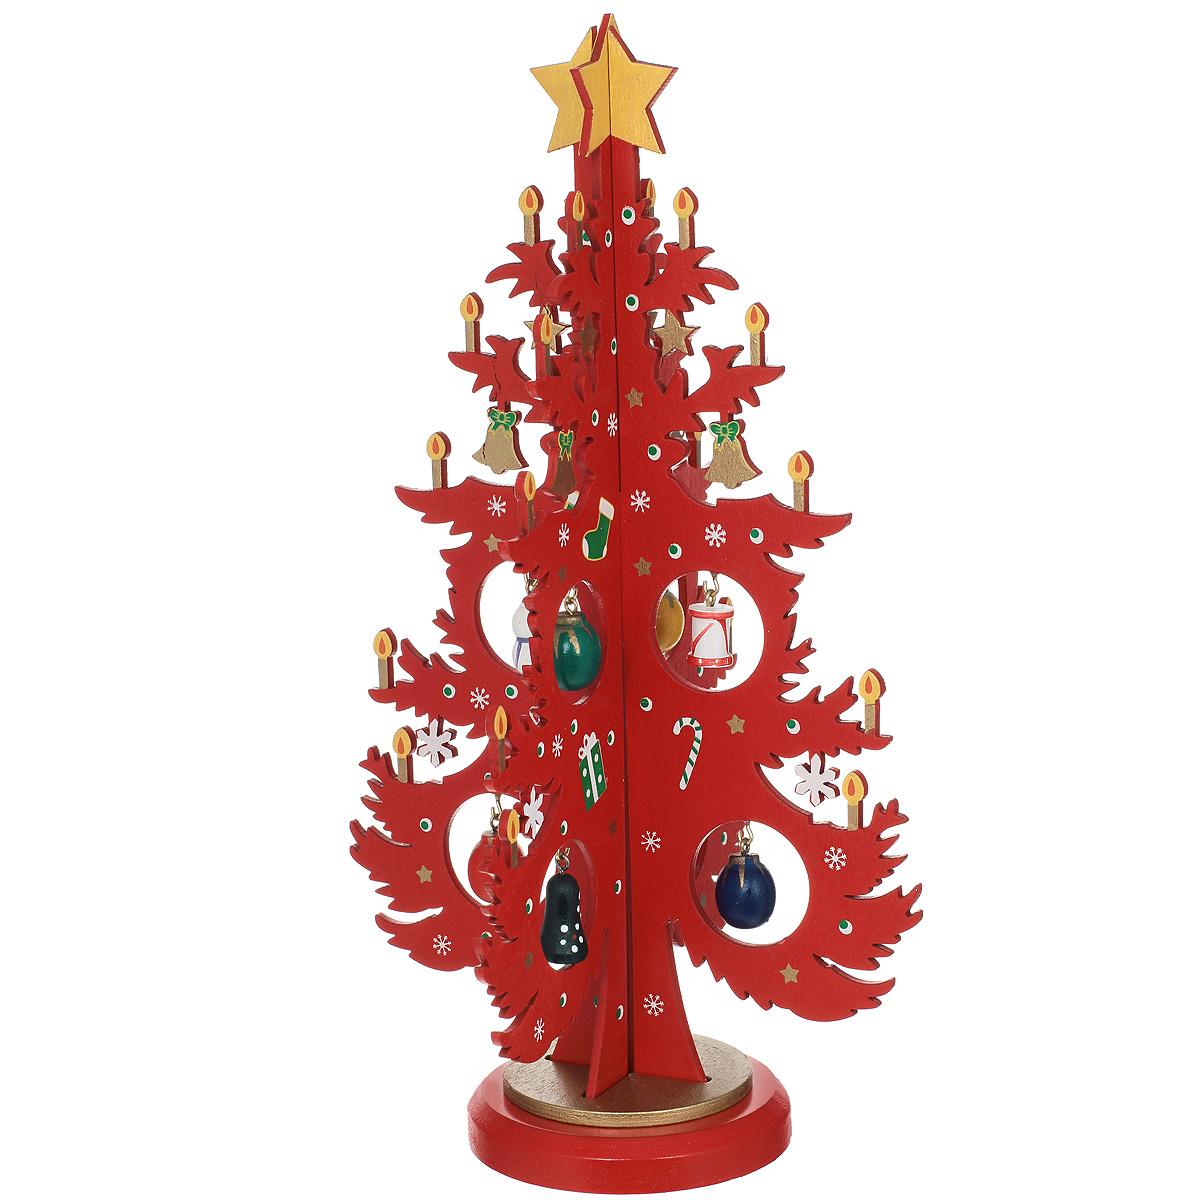 Украшение новогоднее Елочка со свечами, высота 25 см35251Оригинальное новогоднее украшение Елочка со свечами гармонично впишется в праздничный интерьер вашего дома или офиса. Украшение выполнено из дерева в виде новогодней елки с горящими свечами, которая собирается из двух деталей и устанавливается на подставку. На елке имеются металлические крючки, благодаря которым на елку можно повесить елочные игрушки, входящие в комплект.Новогодние украшения всегда несут в себе волшебство и красоту праздника. Создайте в своем доме атмосферу тепла, веселья и радости, украшая его всей семьей.